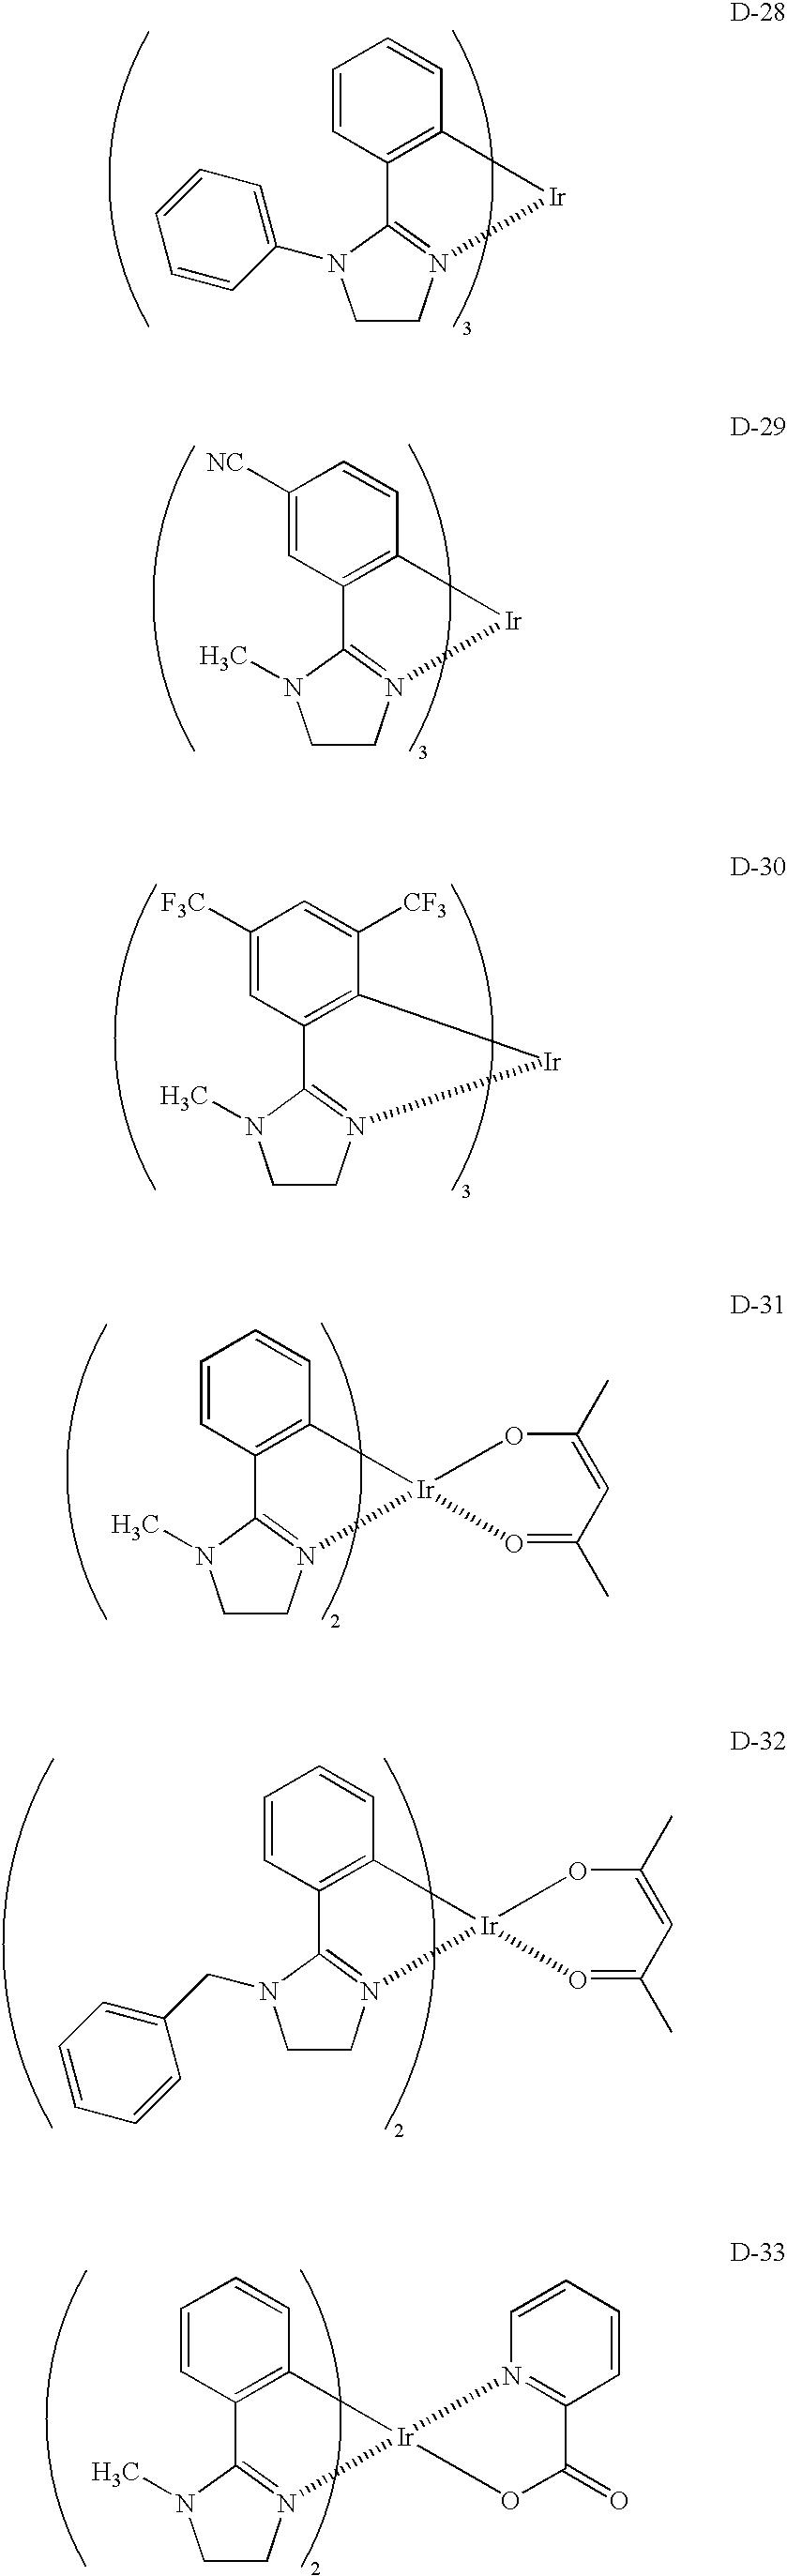 Figure US07504657-20090317-C00009